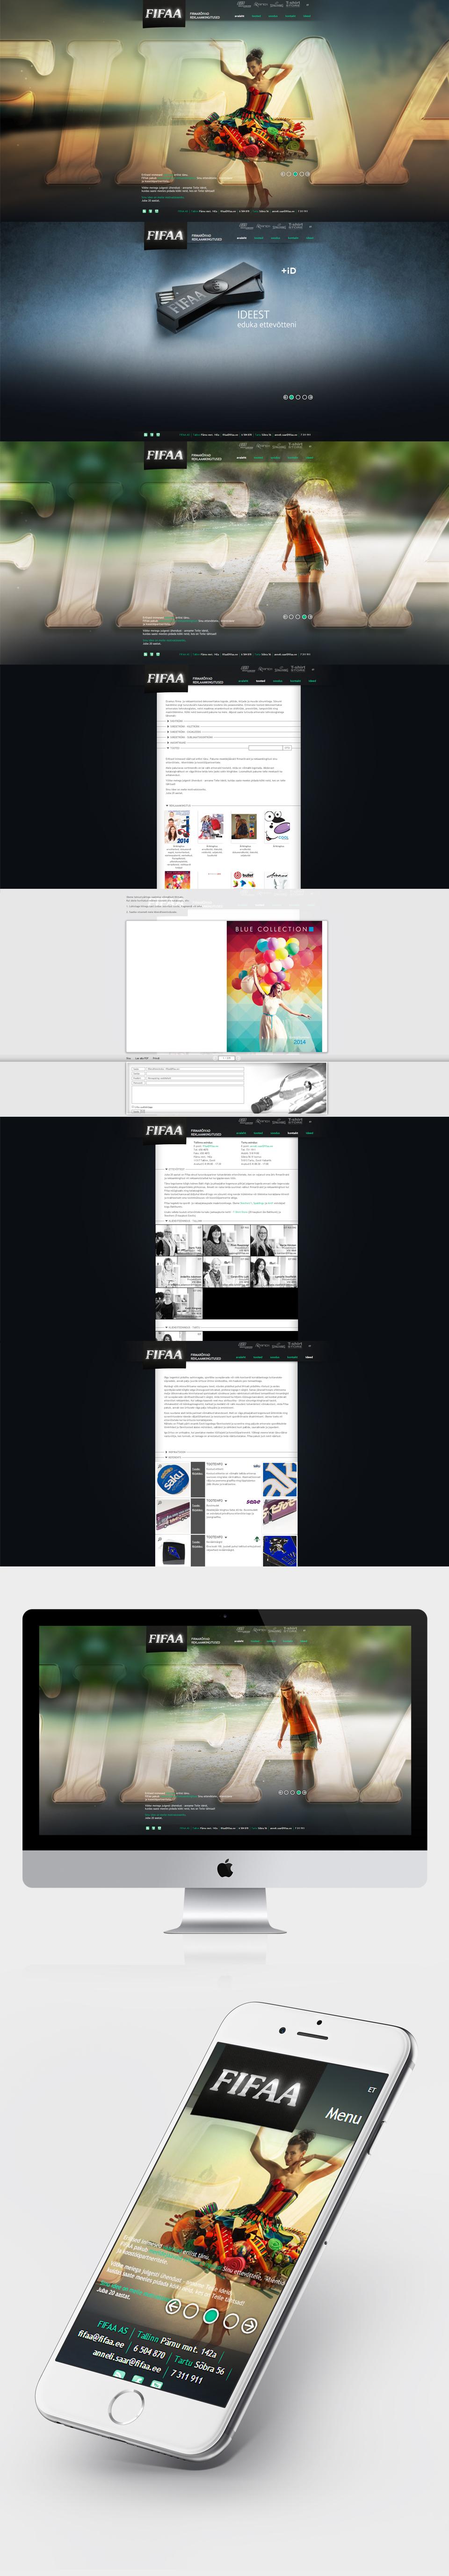 Fifaa-web